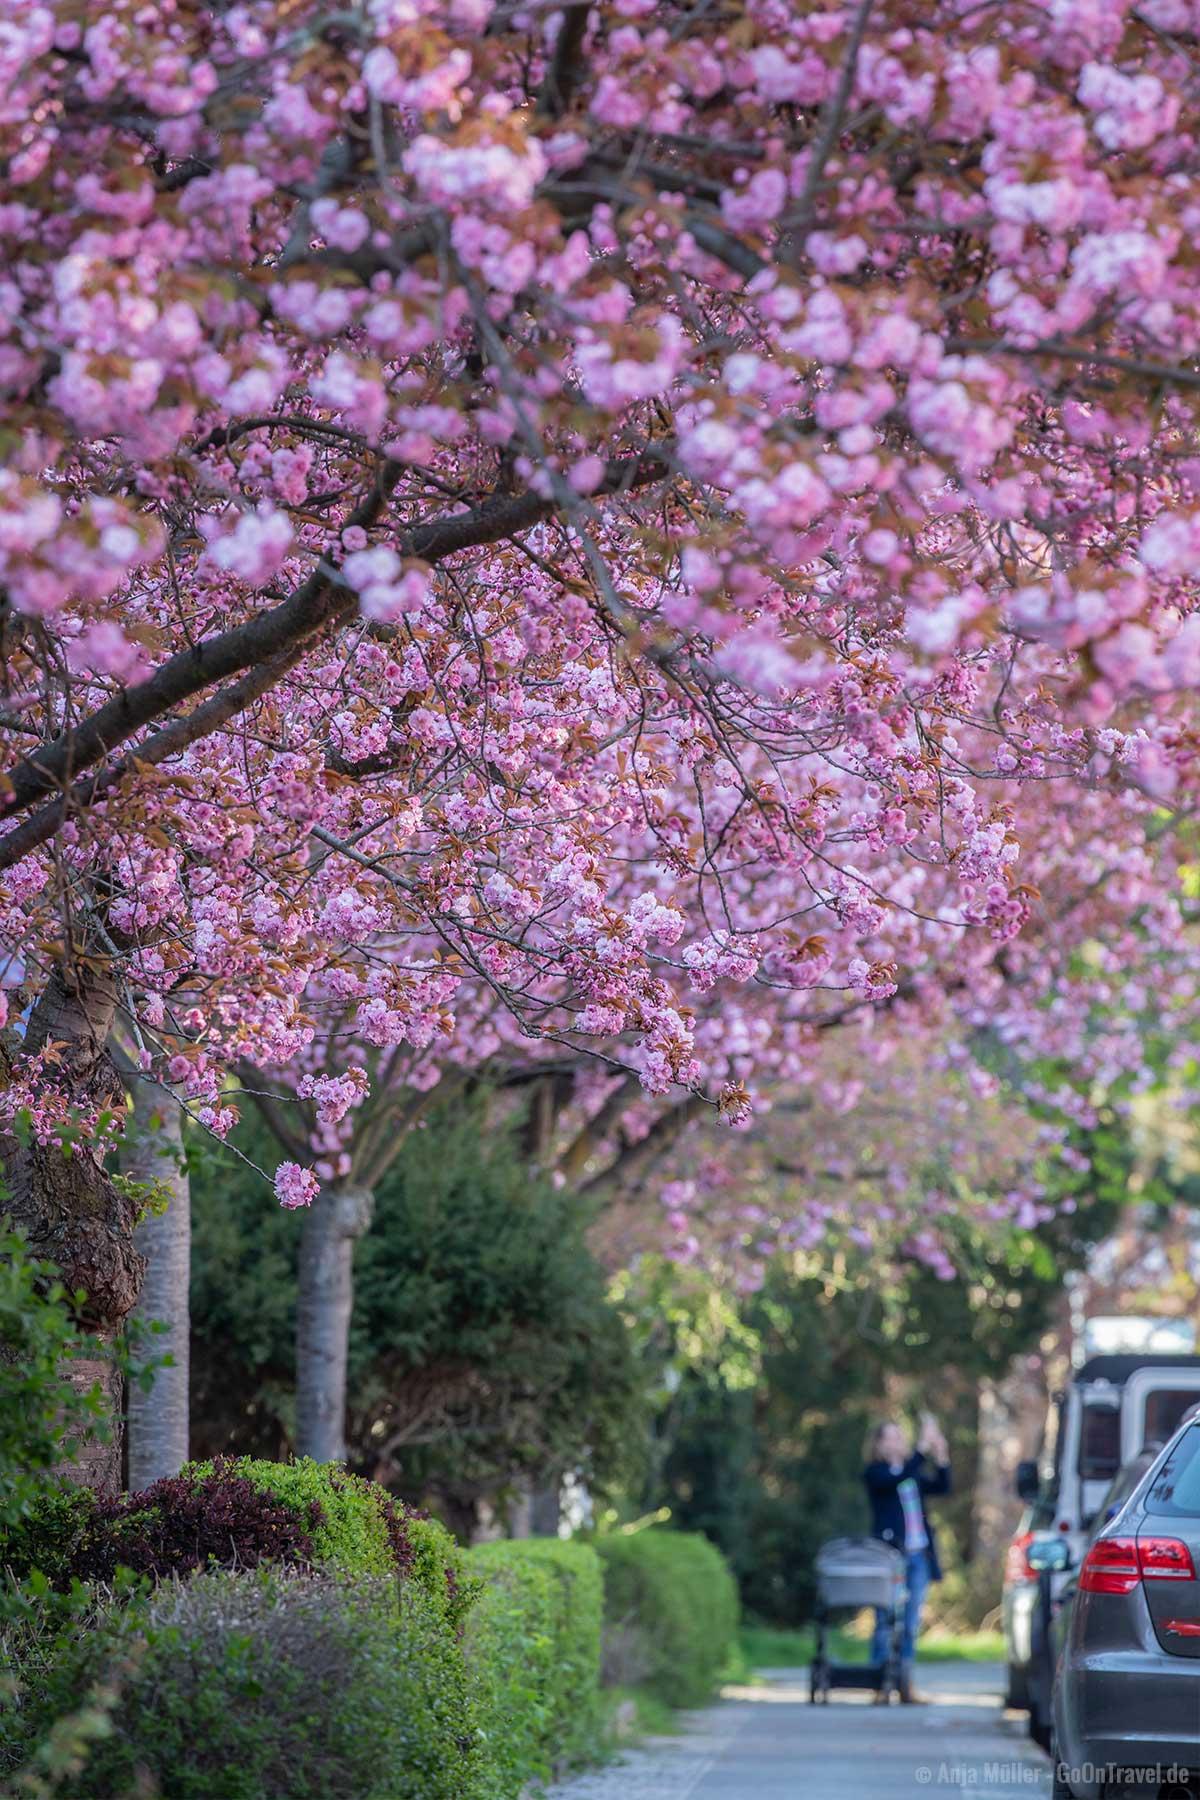 Rosa Blütenmeer in der Onkel-Bräsig-Straße